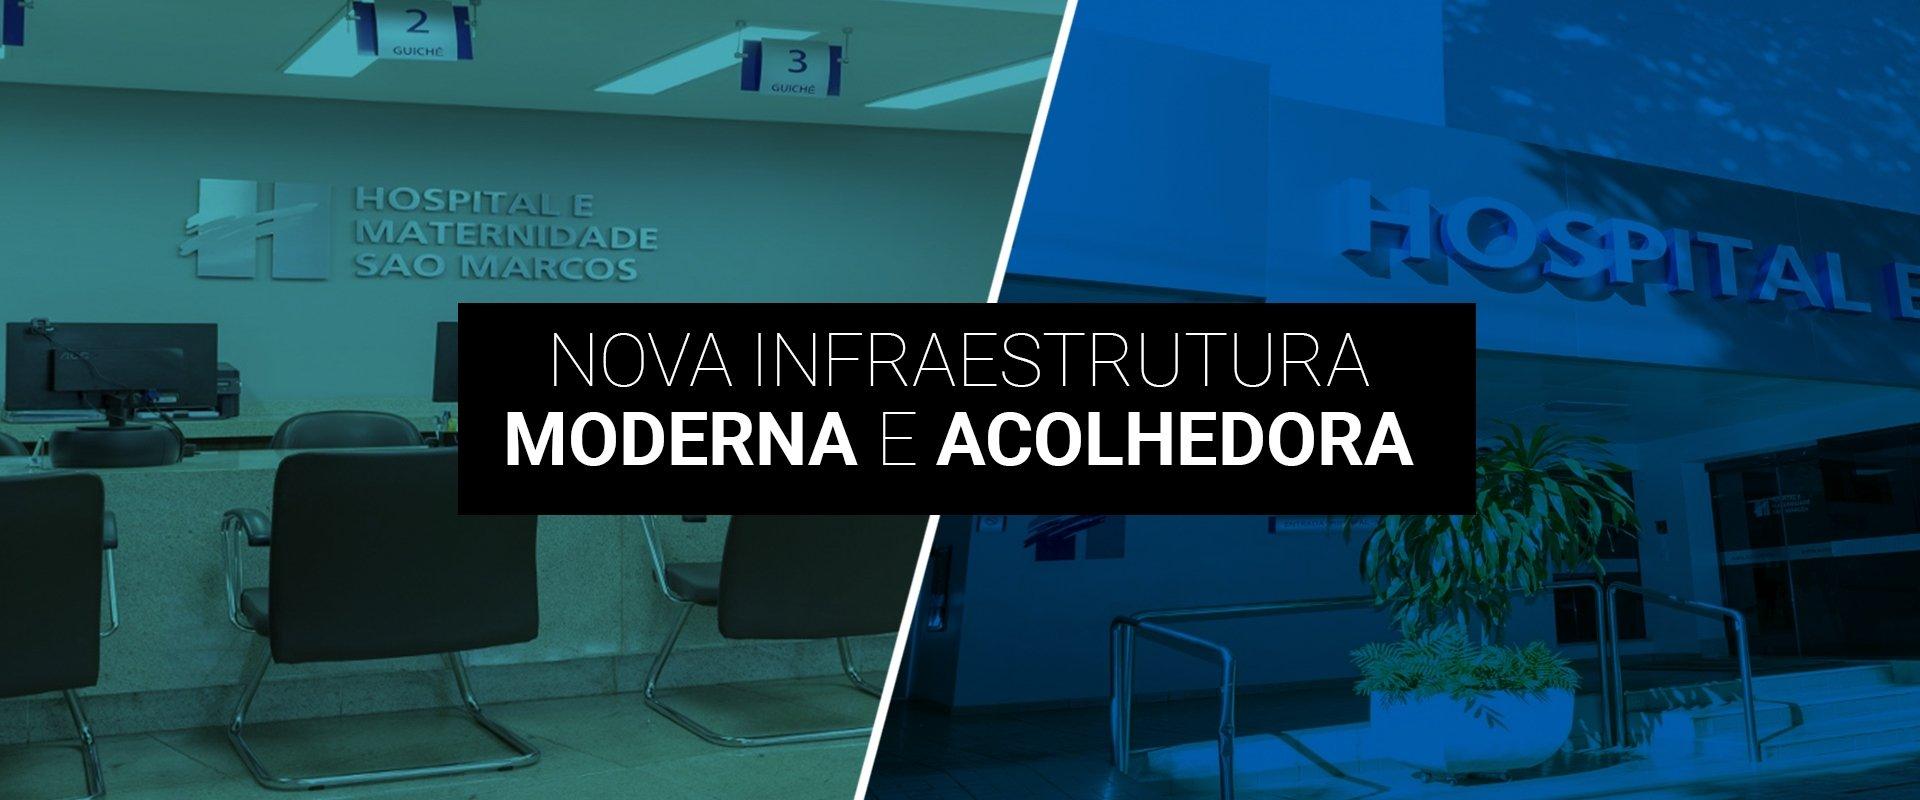 Nova Infraestrutura - Hospital São Marcos